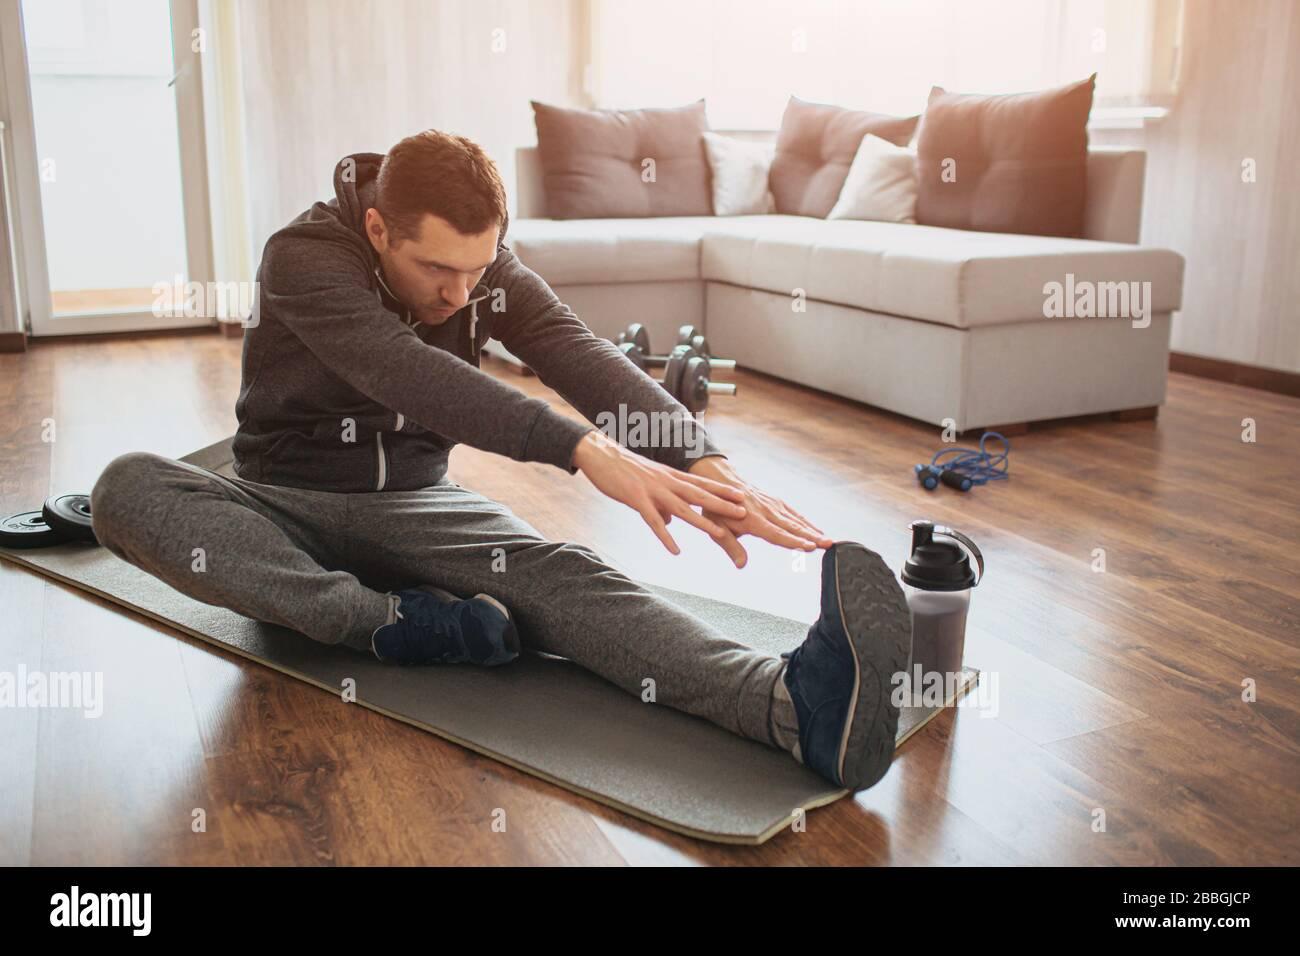 El joven hombre común va a practicar deporte en casa. Freshman o principiante estirando con las manos de remolque a una pierna. Excercising solo en apartamento vacío. Inténtelo a. Foto de stock